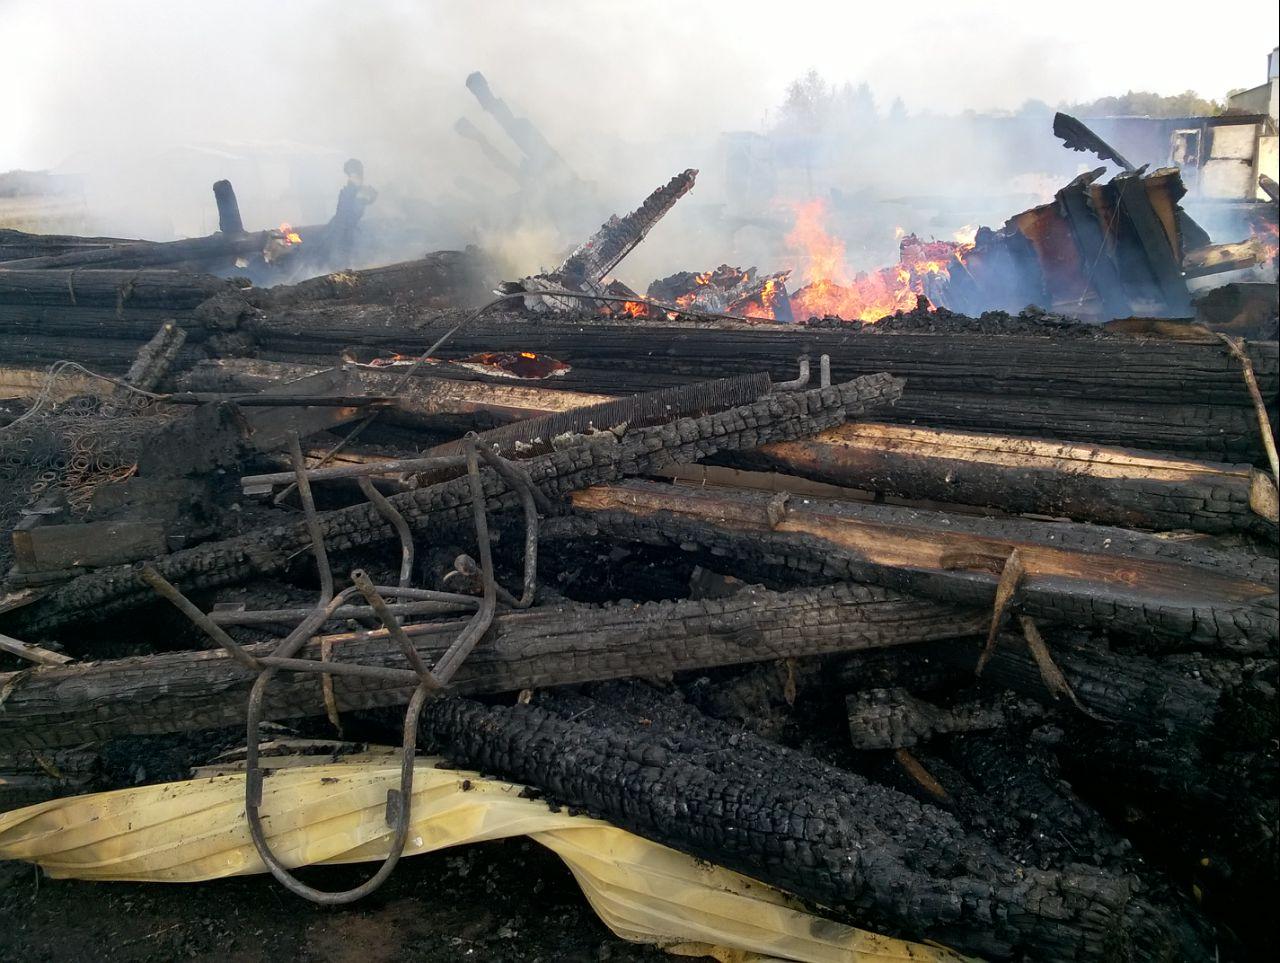 Тольяттинская семья с 4 детьми осталась без дома из-за пожара. Горожане собирают одежду и средства